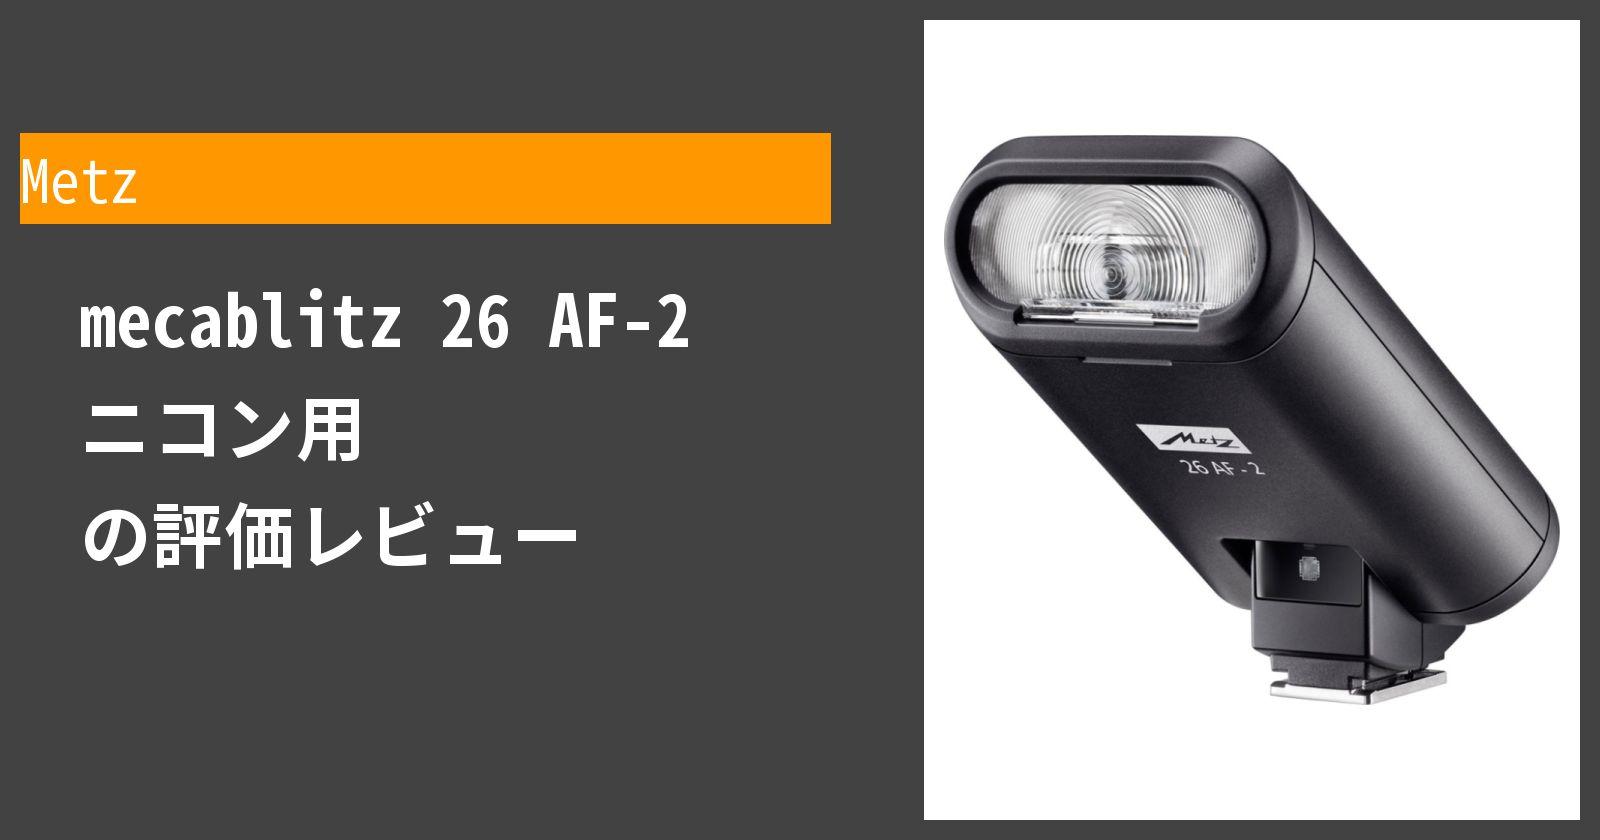 mecablitz 26 AF-2 ニコン用を徹底評価